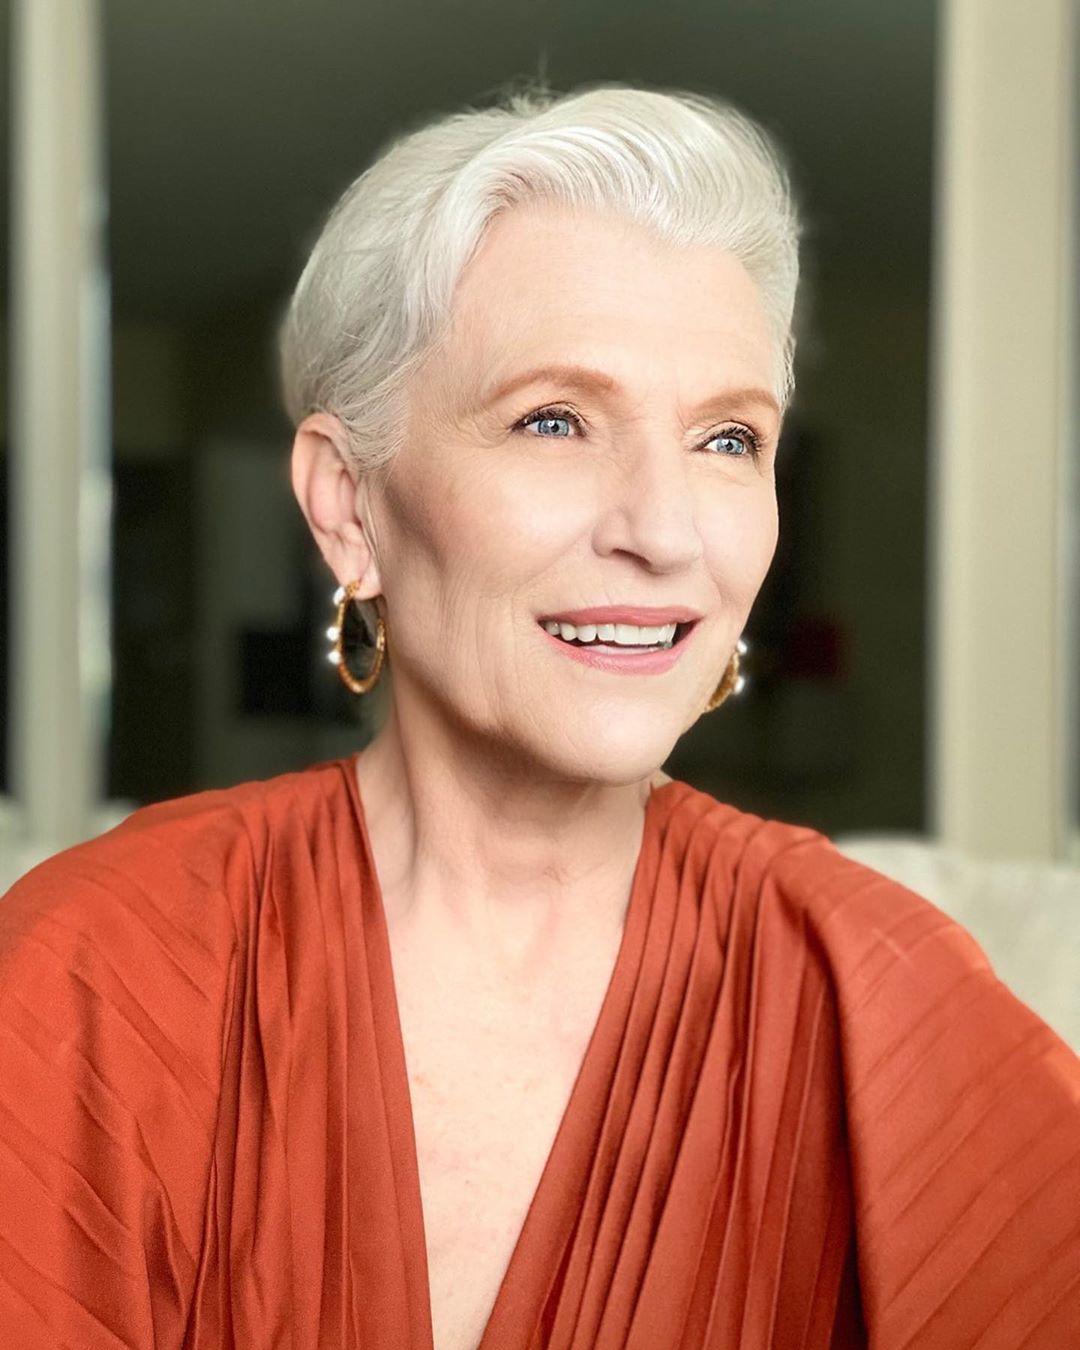 """Cụ bà 72 tuổi chia sẻ 3 bước skincare quan trọng nhất của cuộc đời: """"Mới 15 tuổi, tôi đã biết chống nắng từ đầu tới chân"""" - Ảnh 4."""